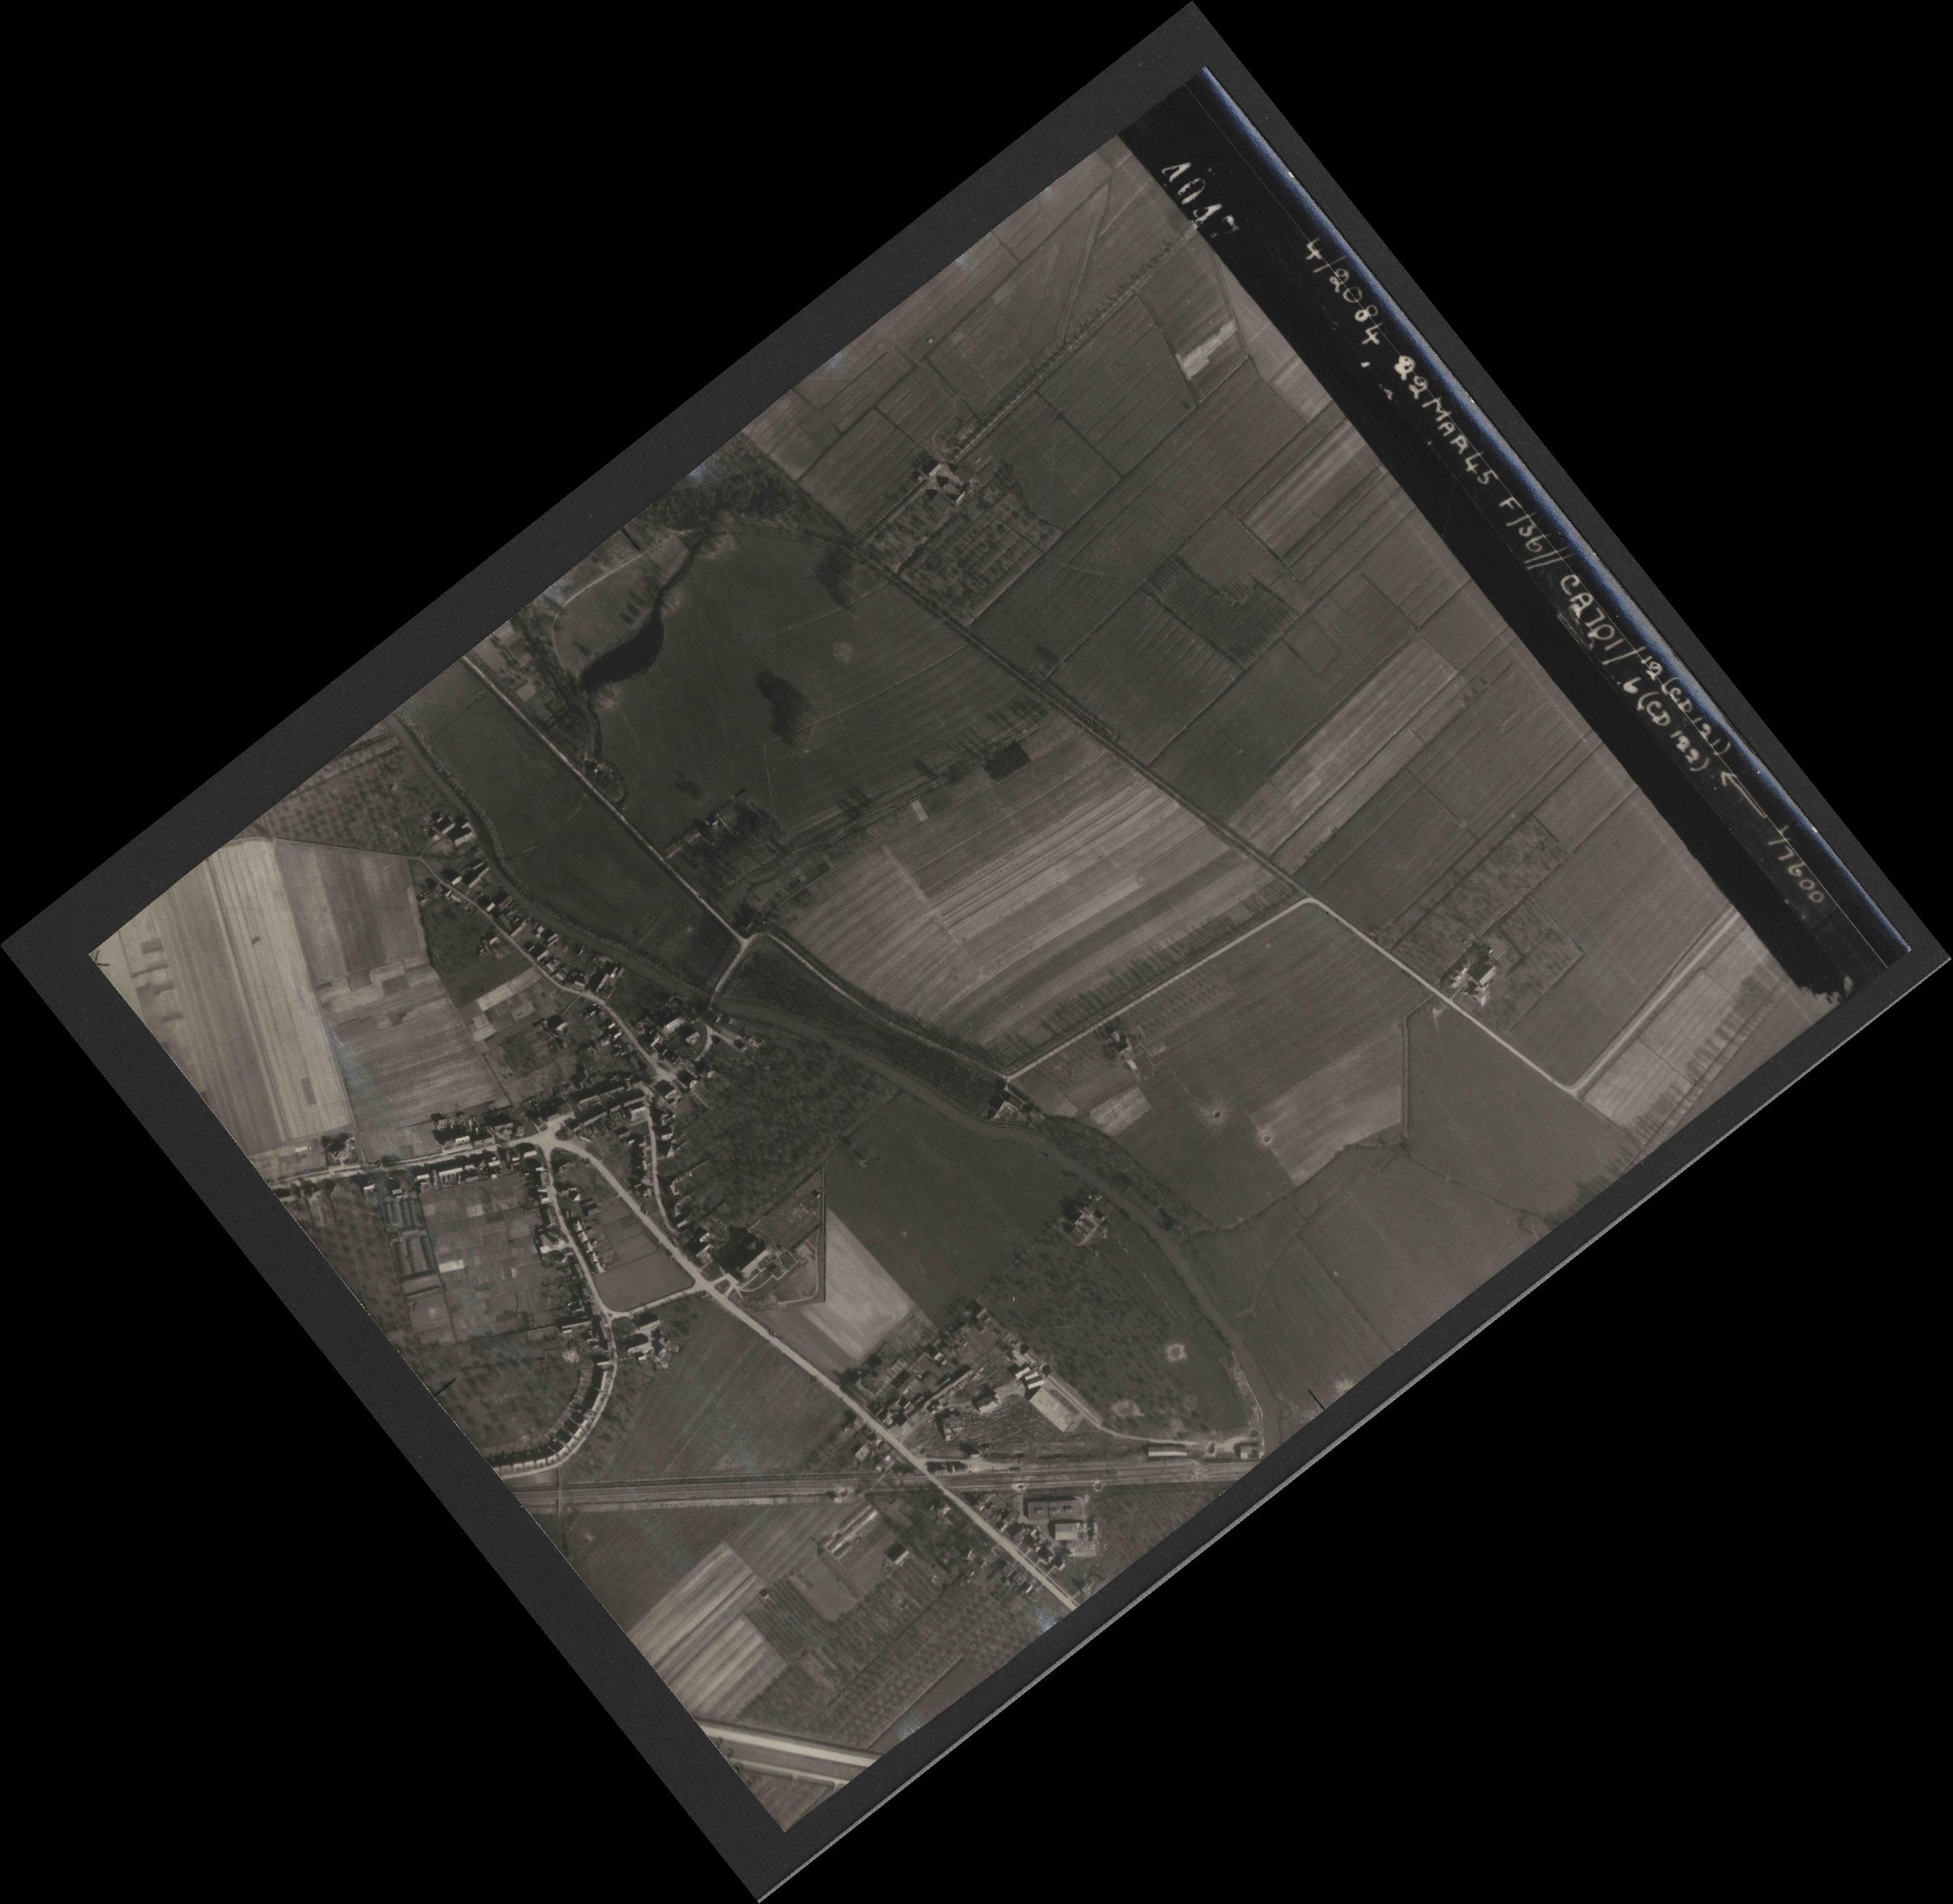 Collection RAF aerial photos 1940-1945 - flight 163, run 08, photo 4047